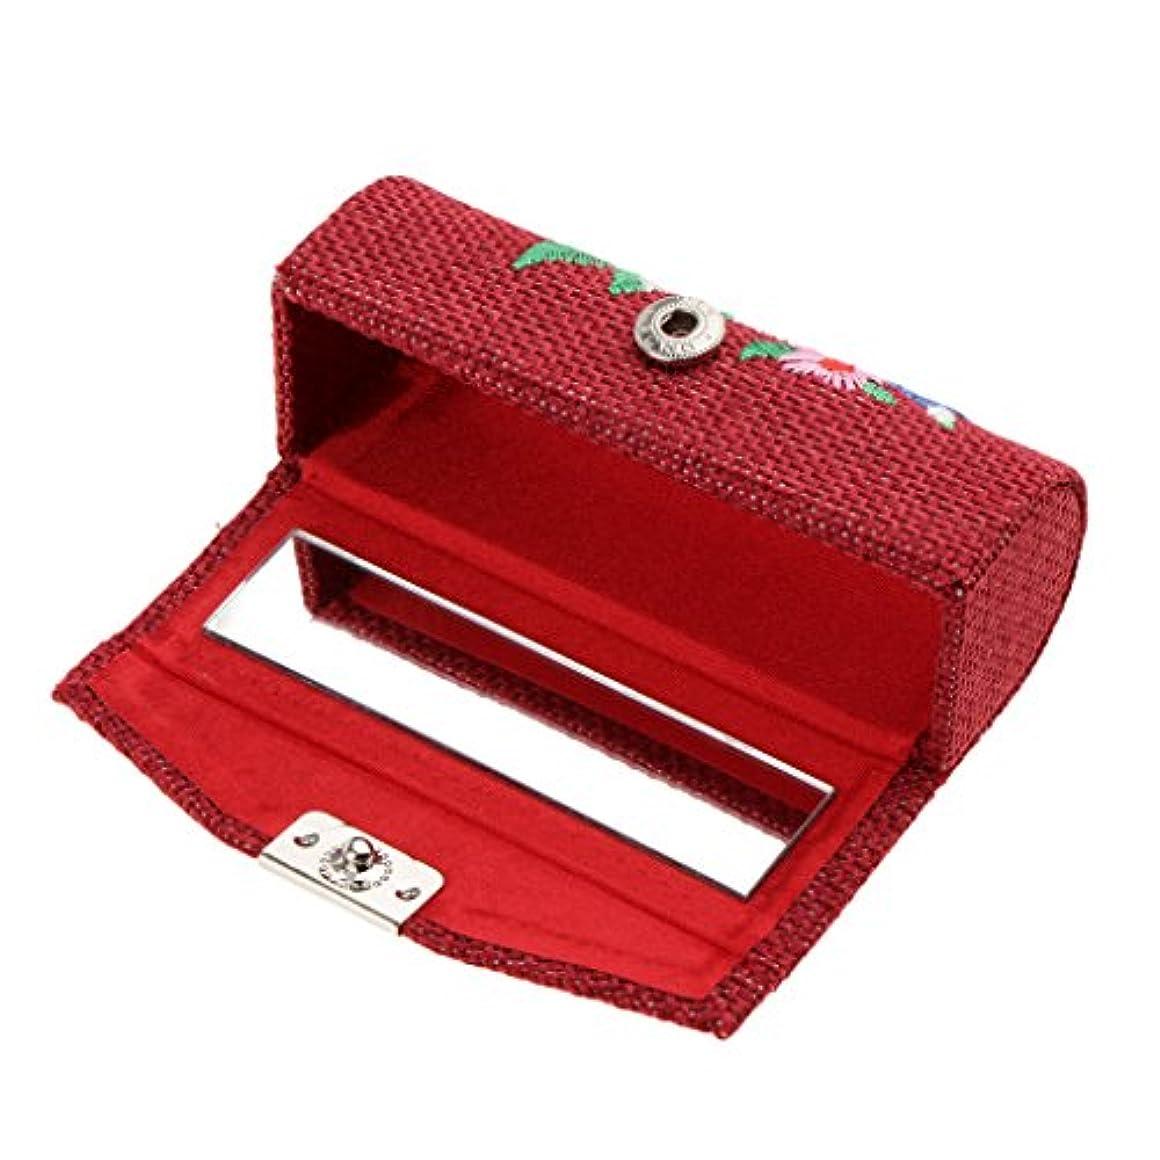 シングル謝る真珠のようなPerfk 化粧ポーチ 口紅ホルダー リップグロス 収納ケース ジュエリー ストレージ メイクアップ ミラー付き 高品質 プレゼント 6色選べる - ワインレッド